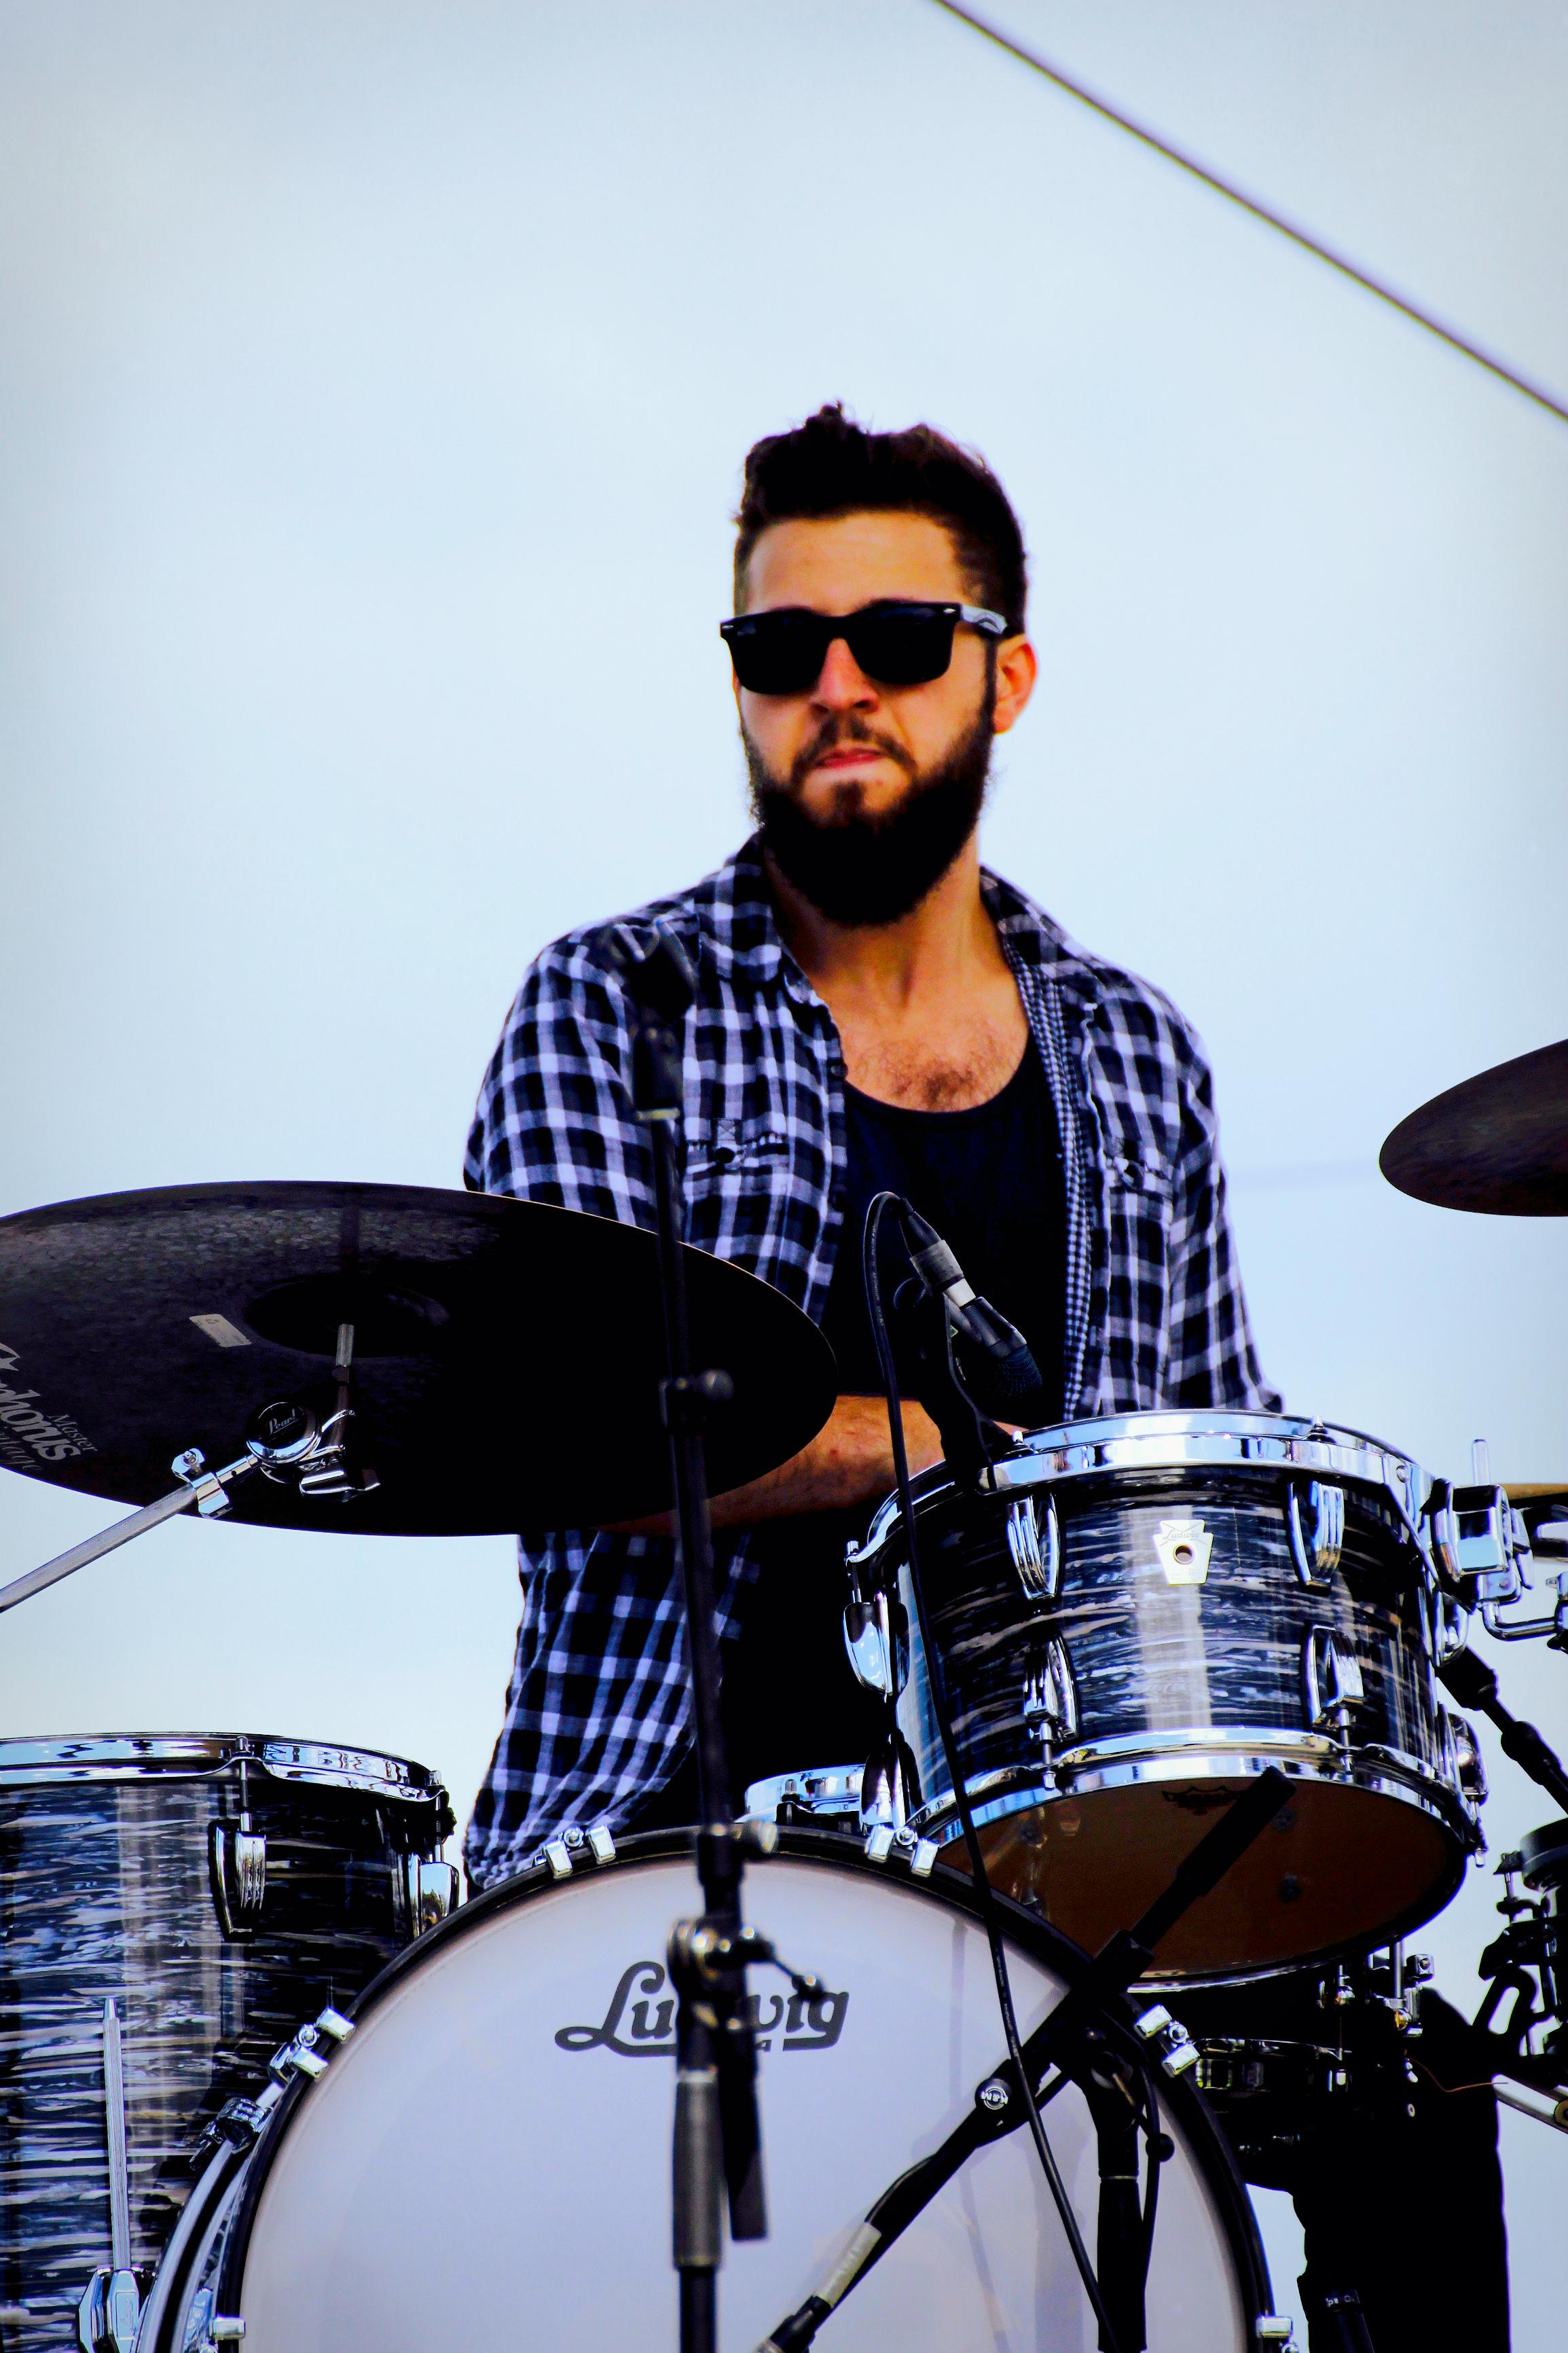 jez drums main stage stkf.jpg